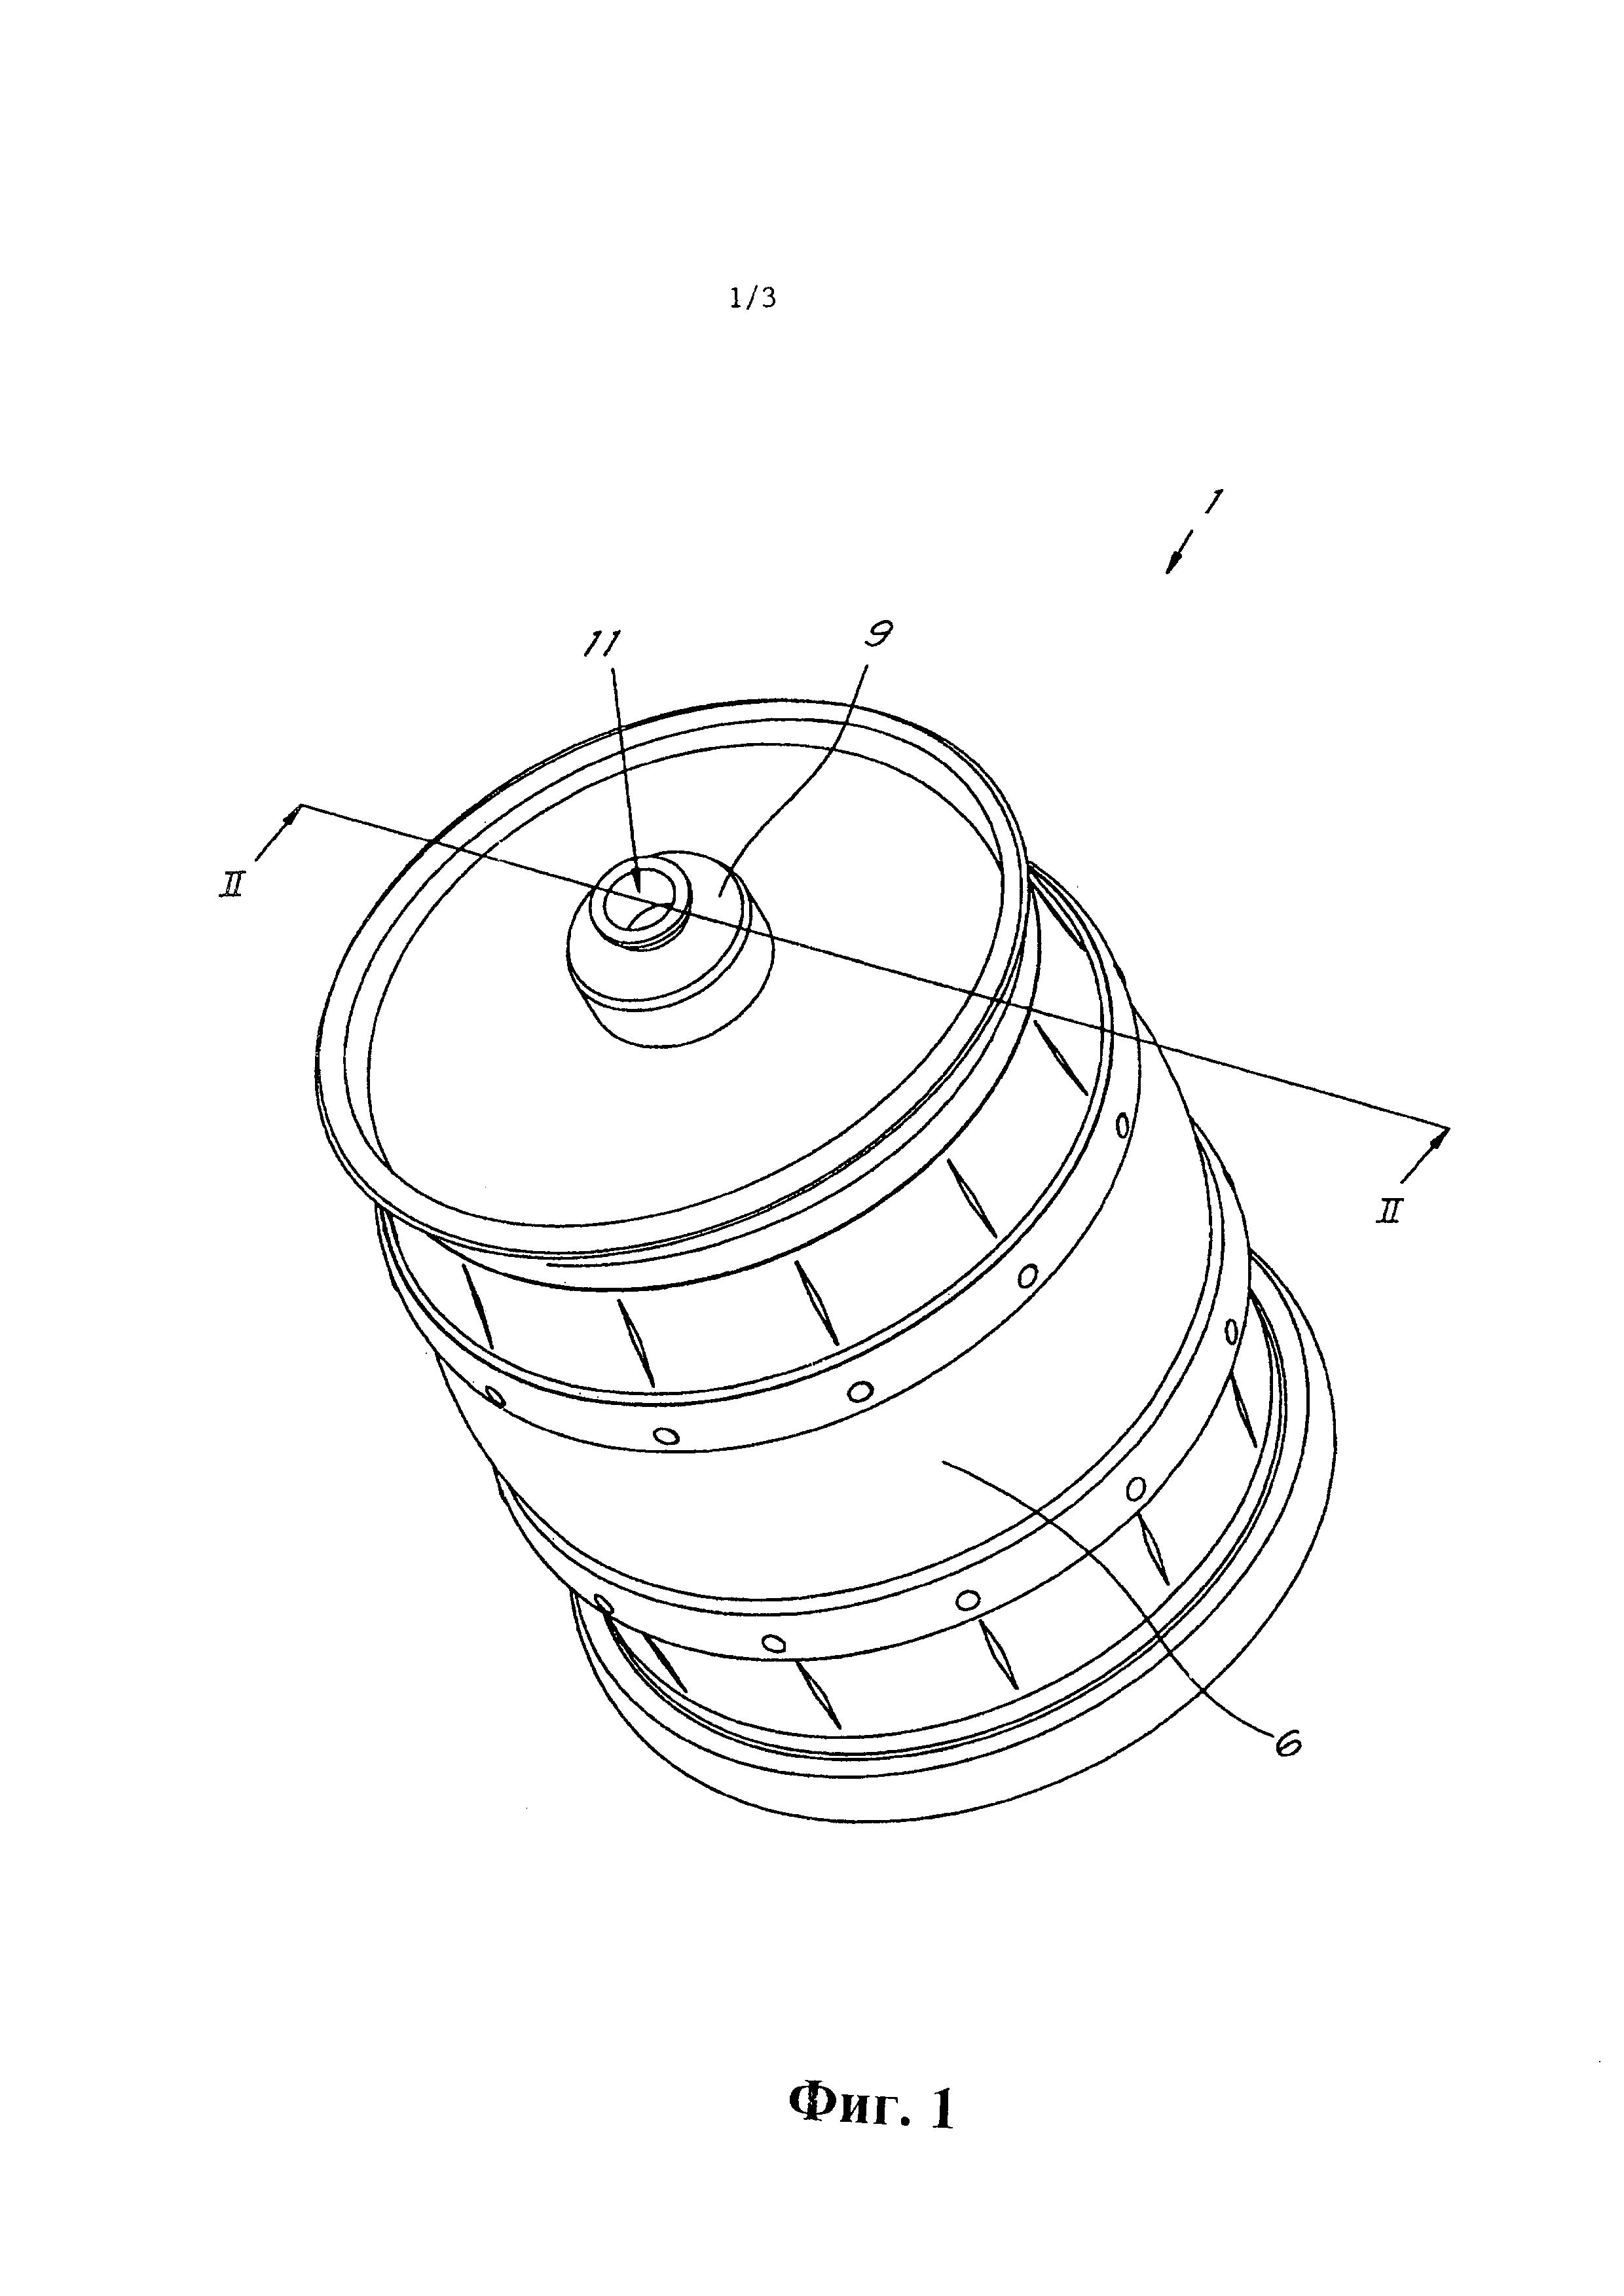 Комбинация контейнера для жидкого пищевого продукта и некоторого количества вытесняющей среды и использование вытесняющей среды